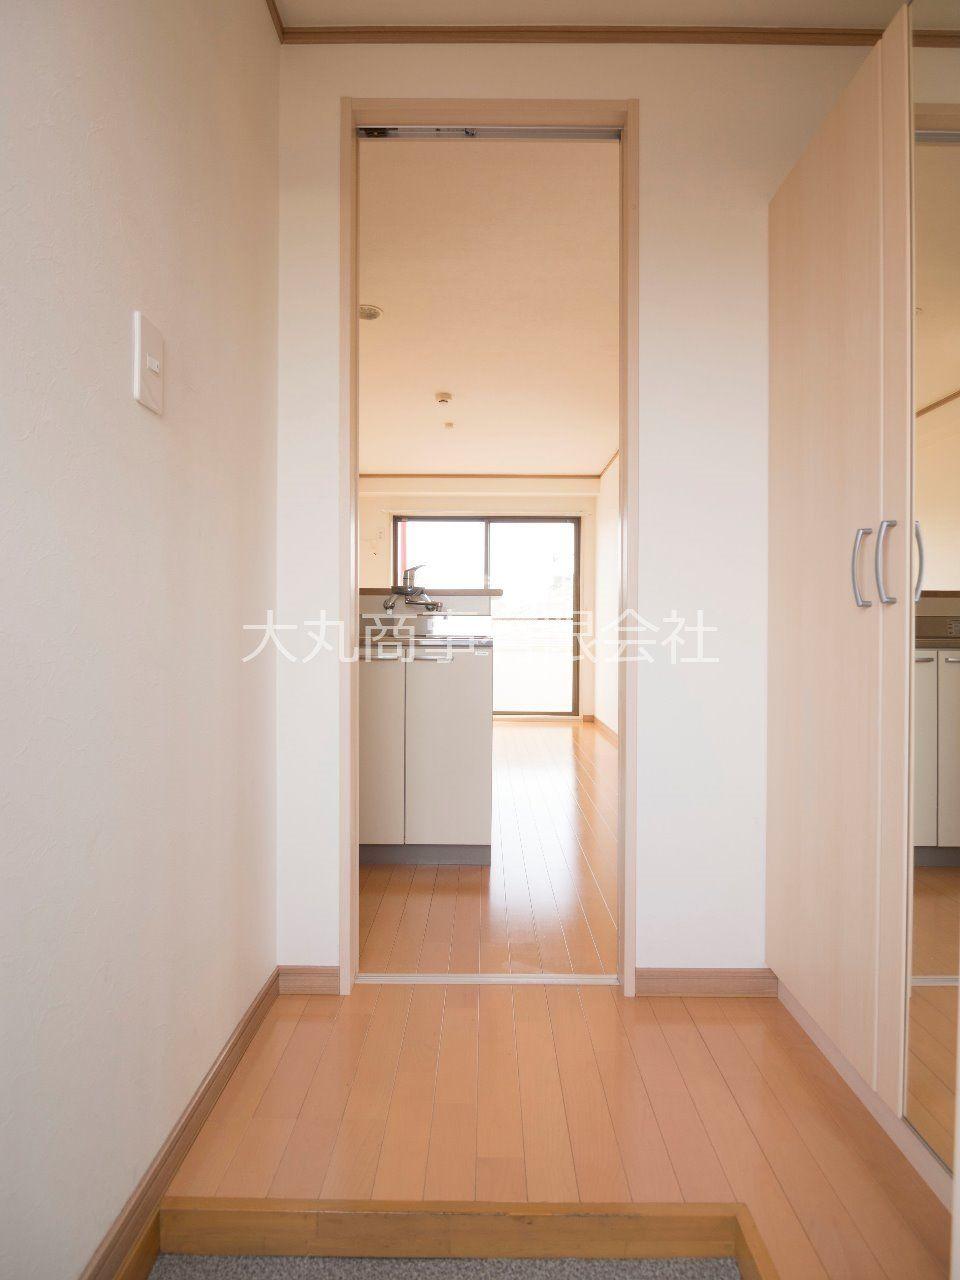 玄関と居室境には引戸があります